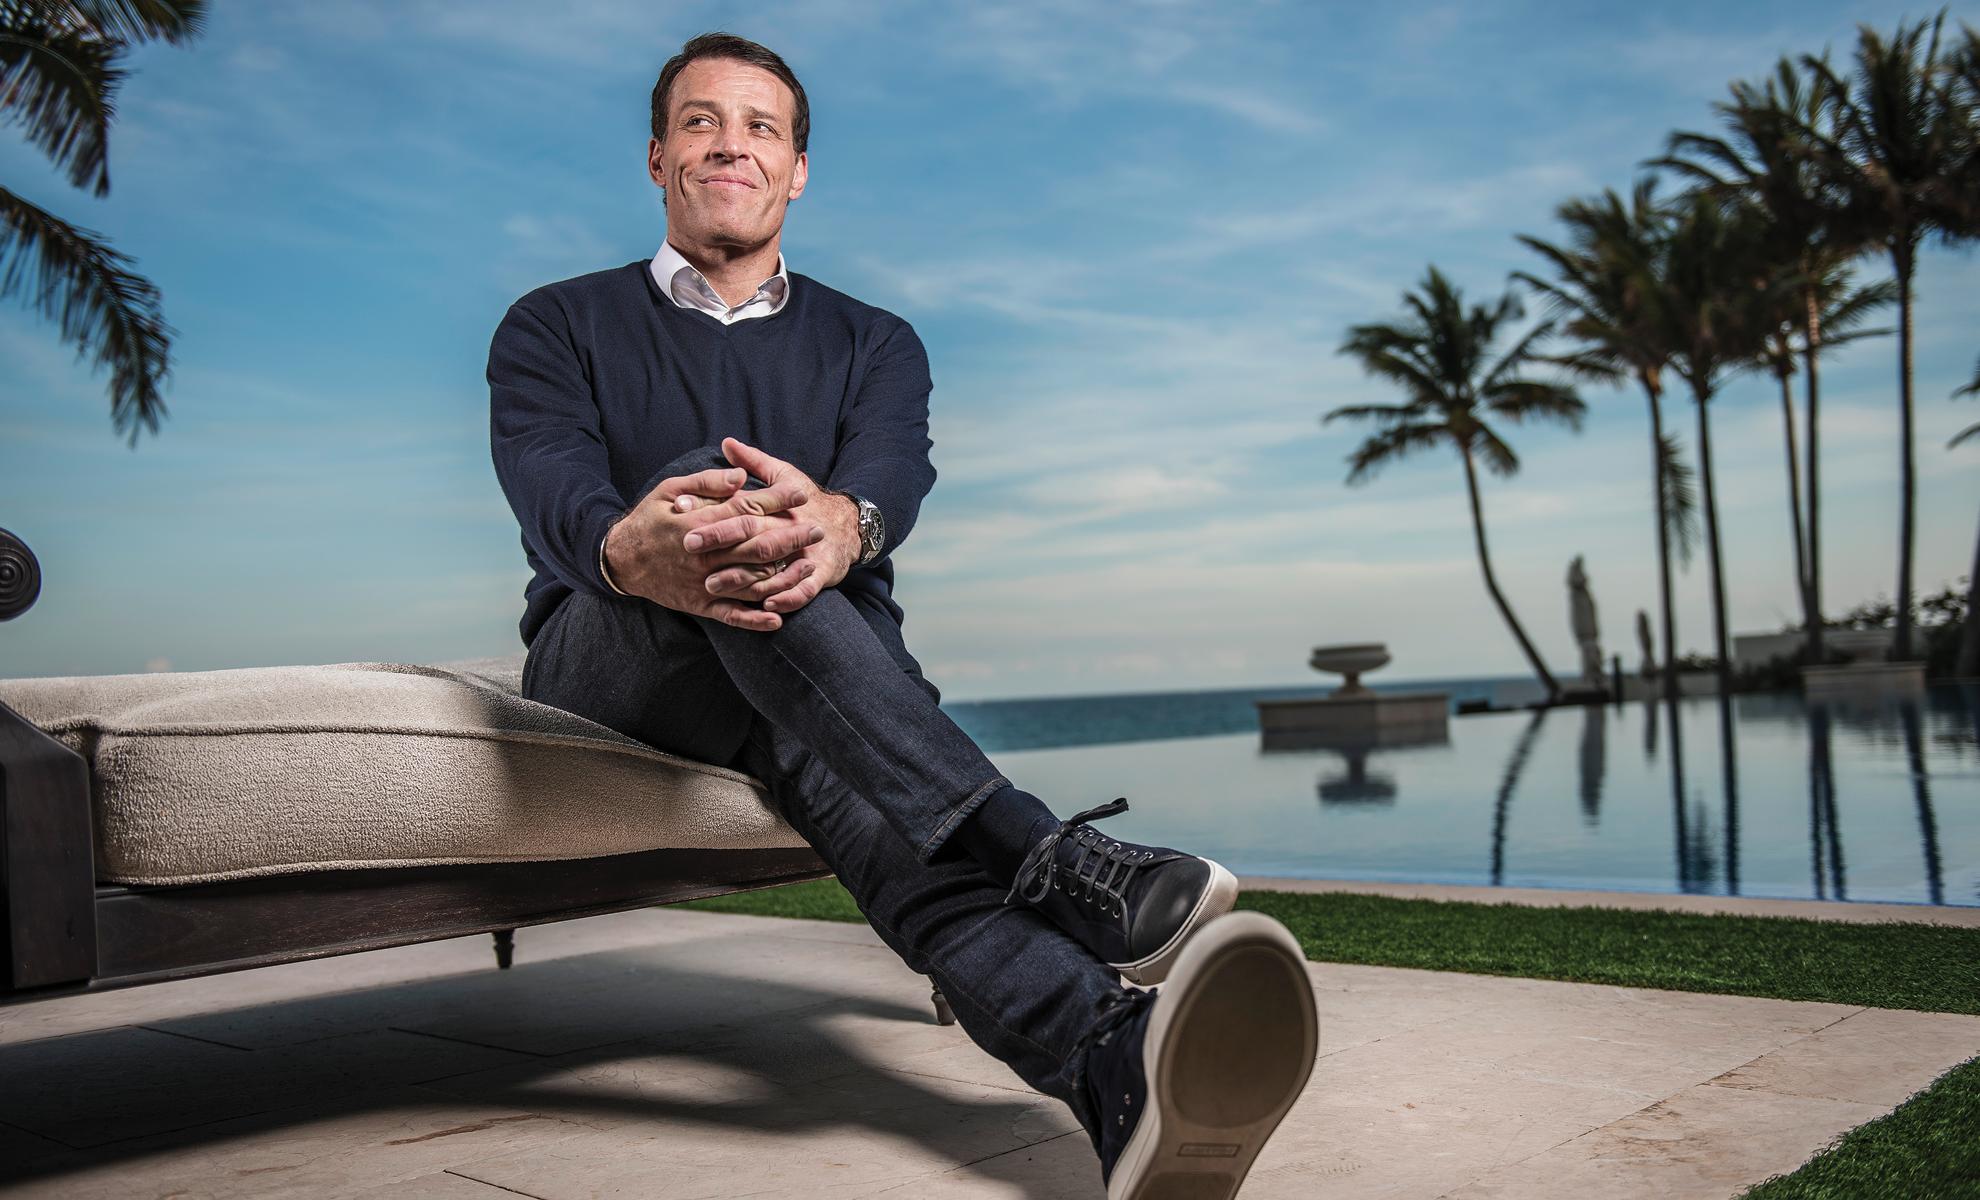 Tony robbins west palm beach